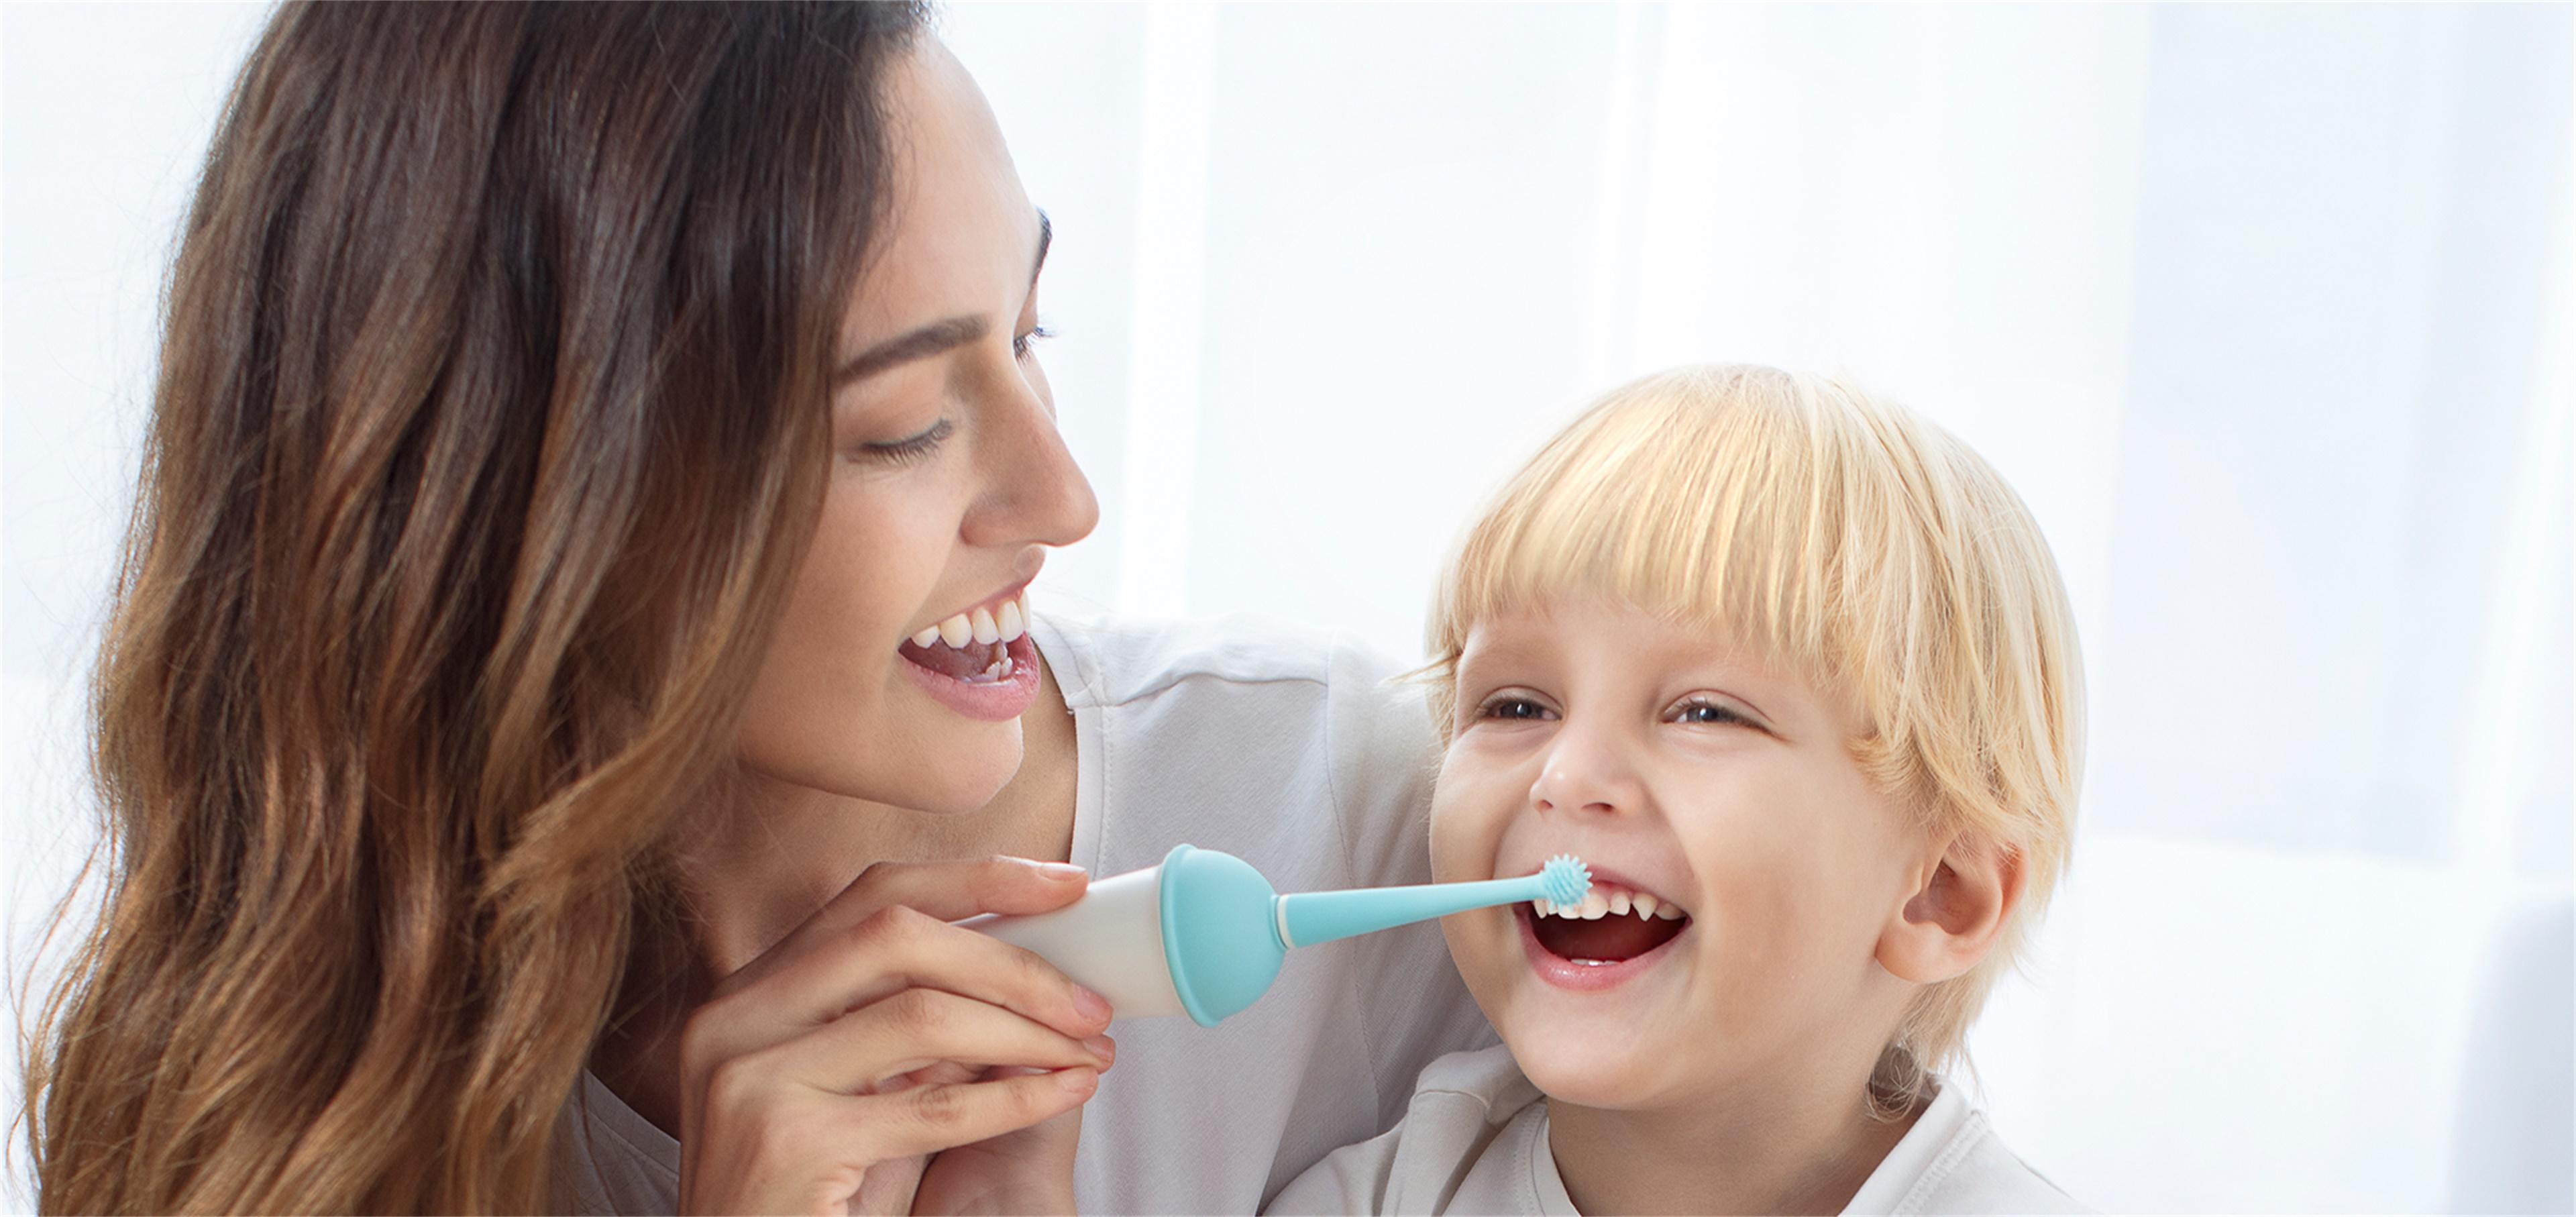 usmile电动牙刷_专为儿童敏感口腔设计,给宝宝妈妈般的呵护